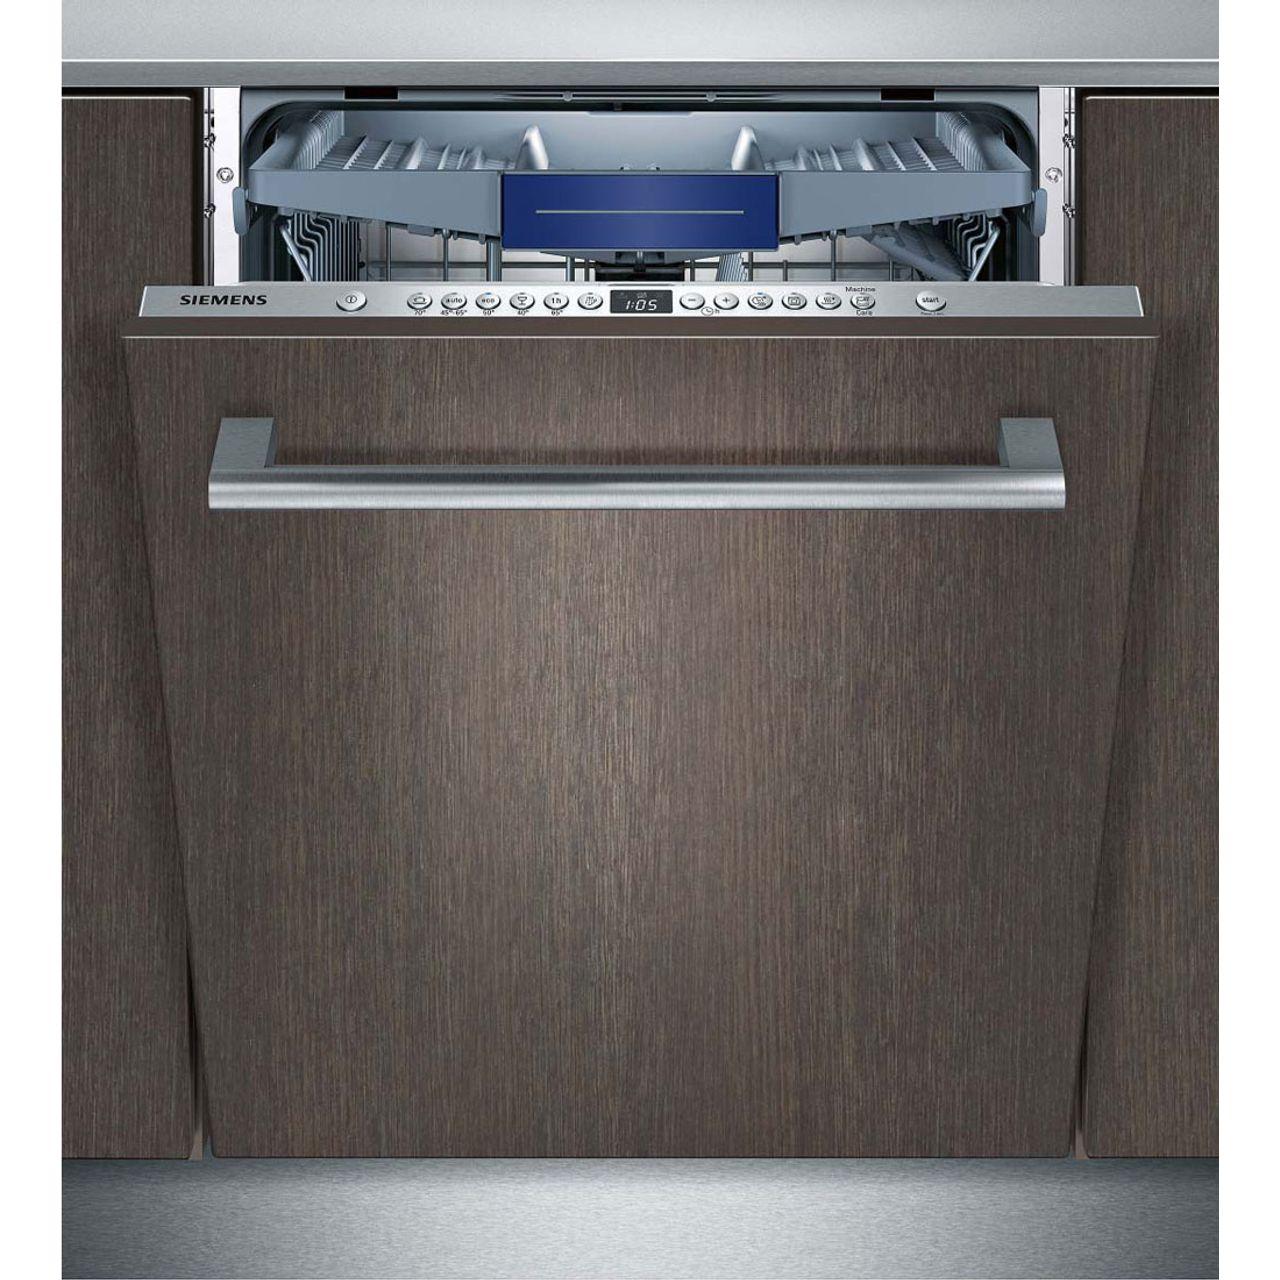 Siemens Kühlschrank Wlan : Geschirrspüler vollintegrierbar siemens preisvergleich u2022 die besten